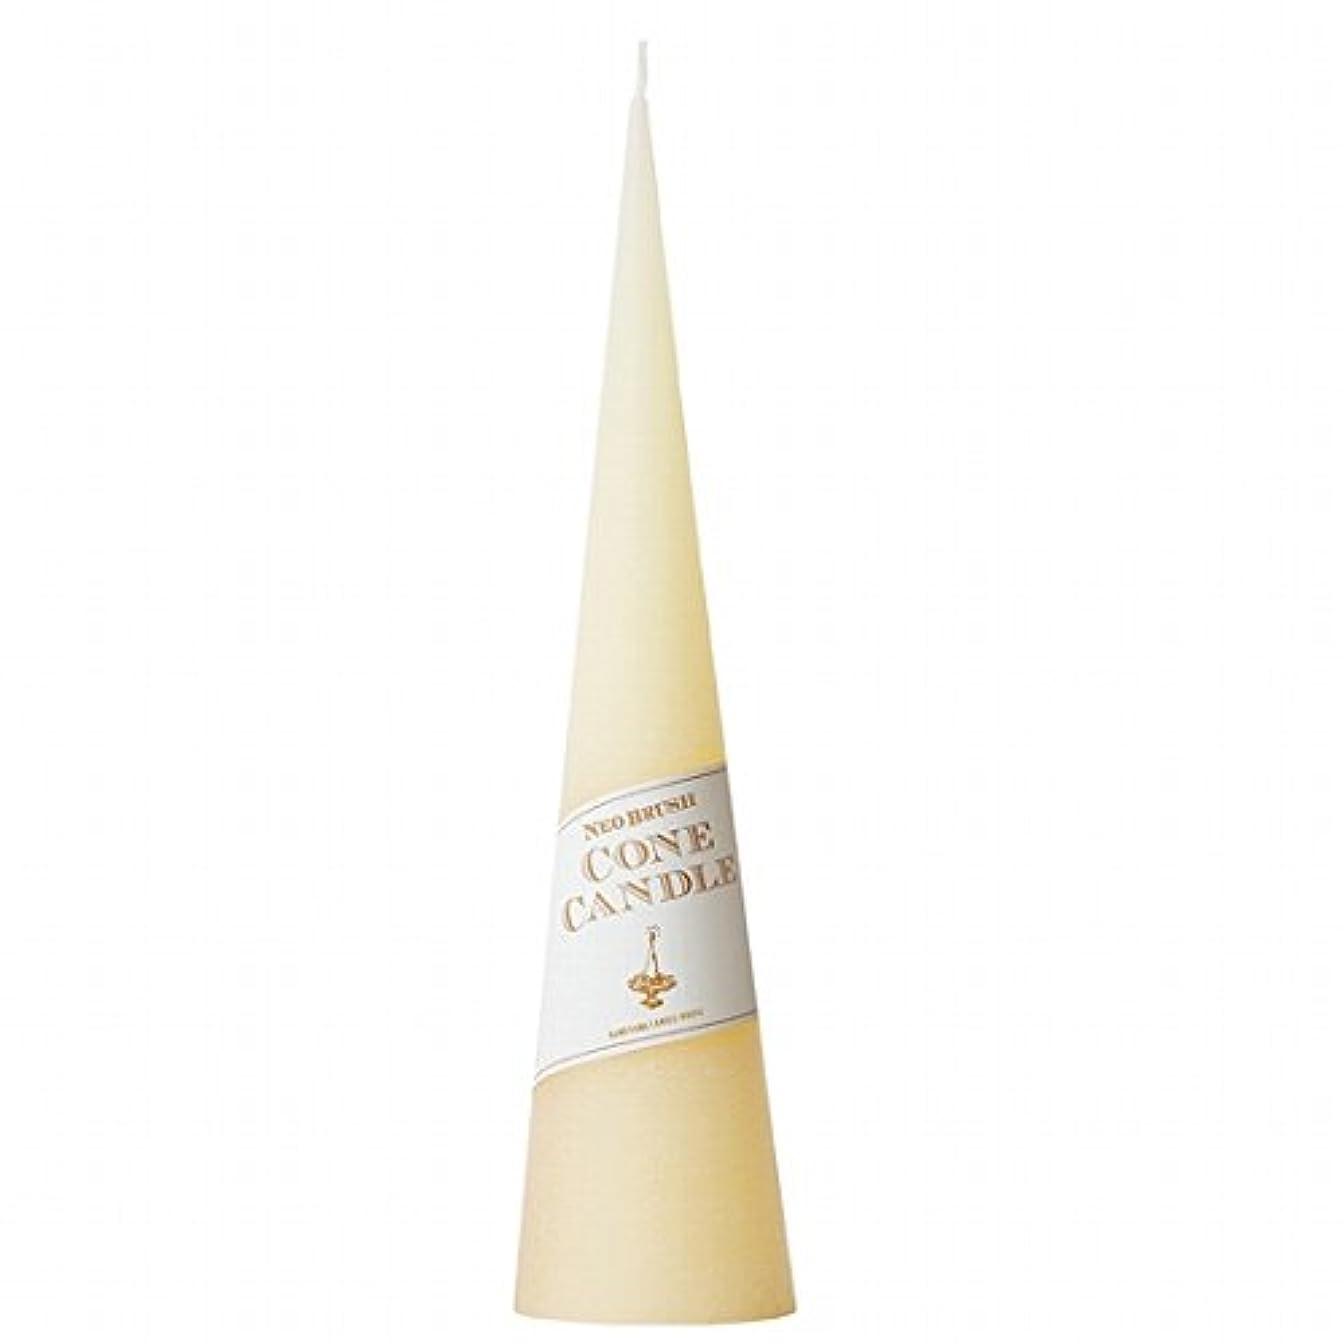 静けさ同化する安心させるkameyama candle(カメヤマキャンドル) ネオブラッシュコーン 295 キャンドル 「 アイボリー 」(A9750030IV)